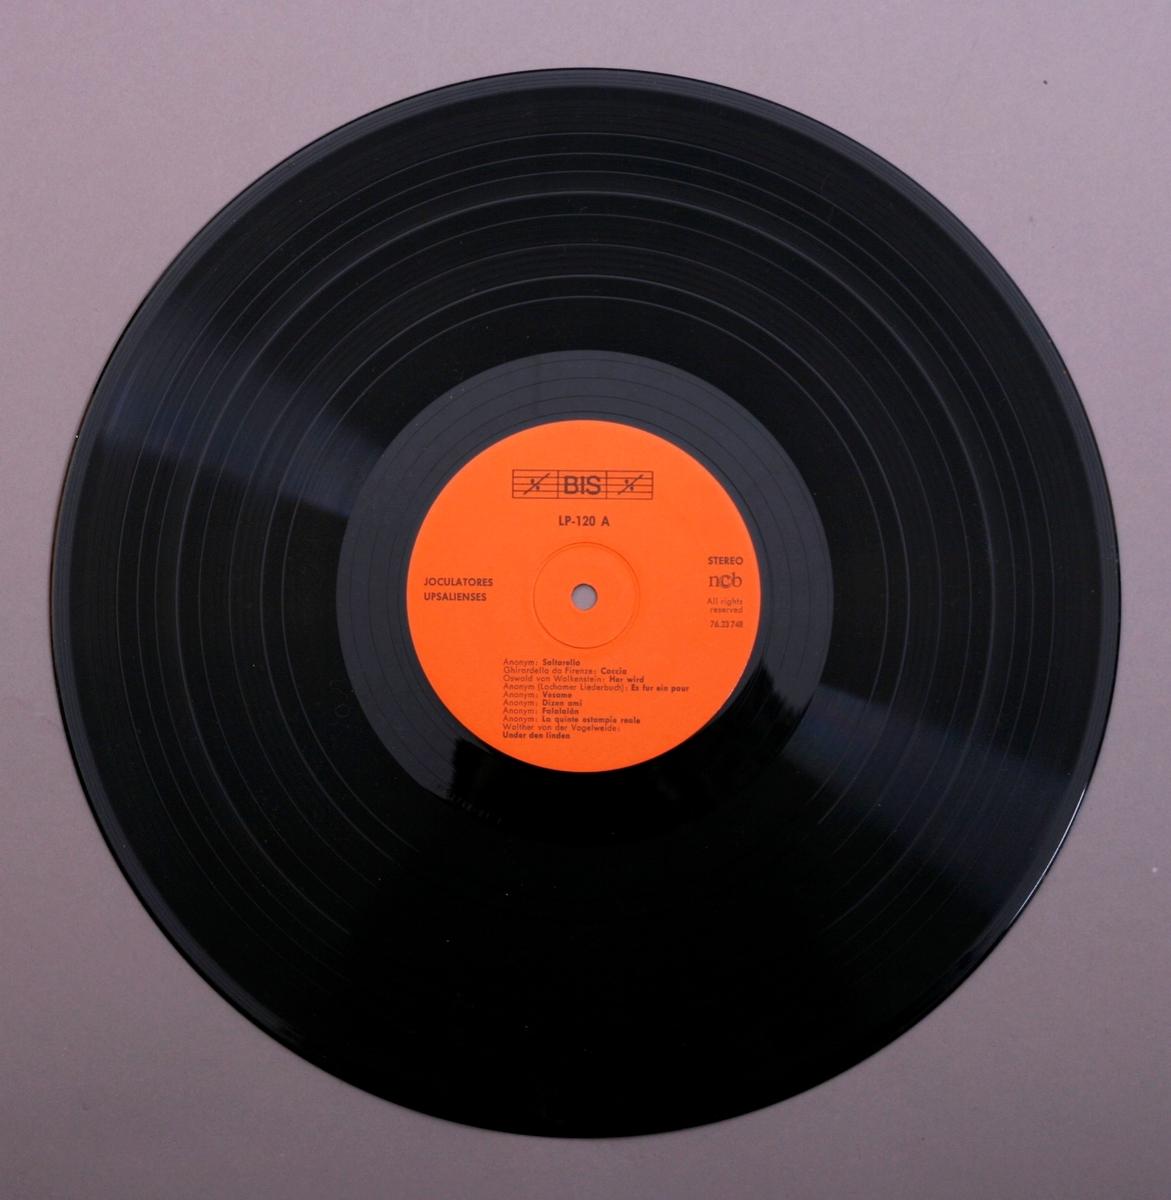 Grammofonplate i svart vinyl. Dobbelt plateomslag med hefte. Plata ligger i en papirlomme.